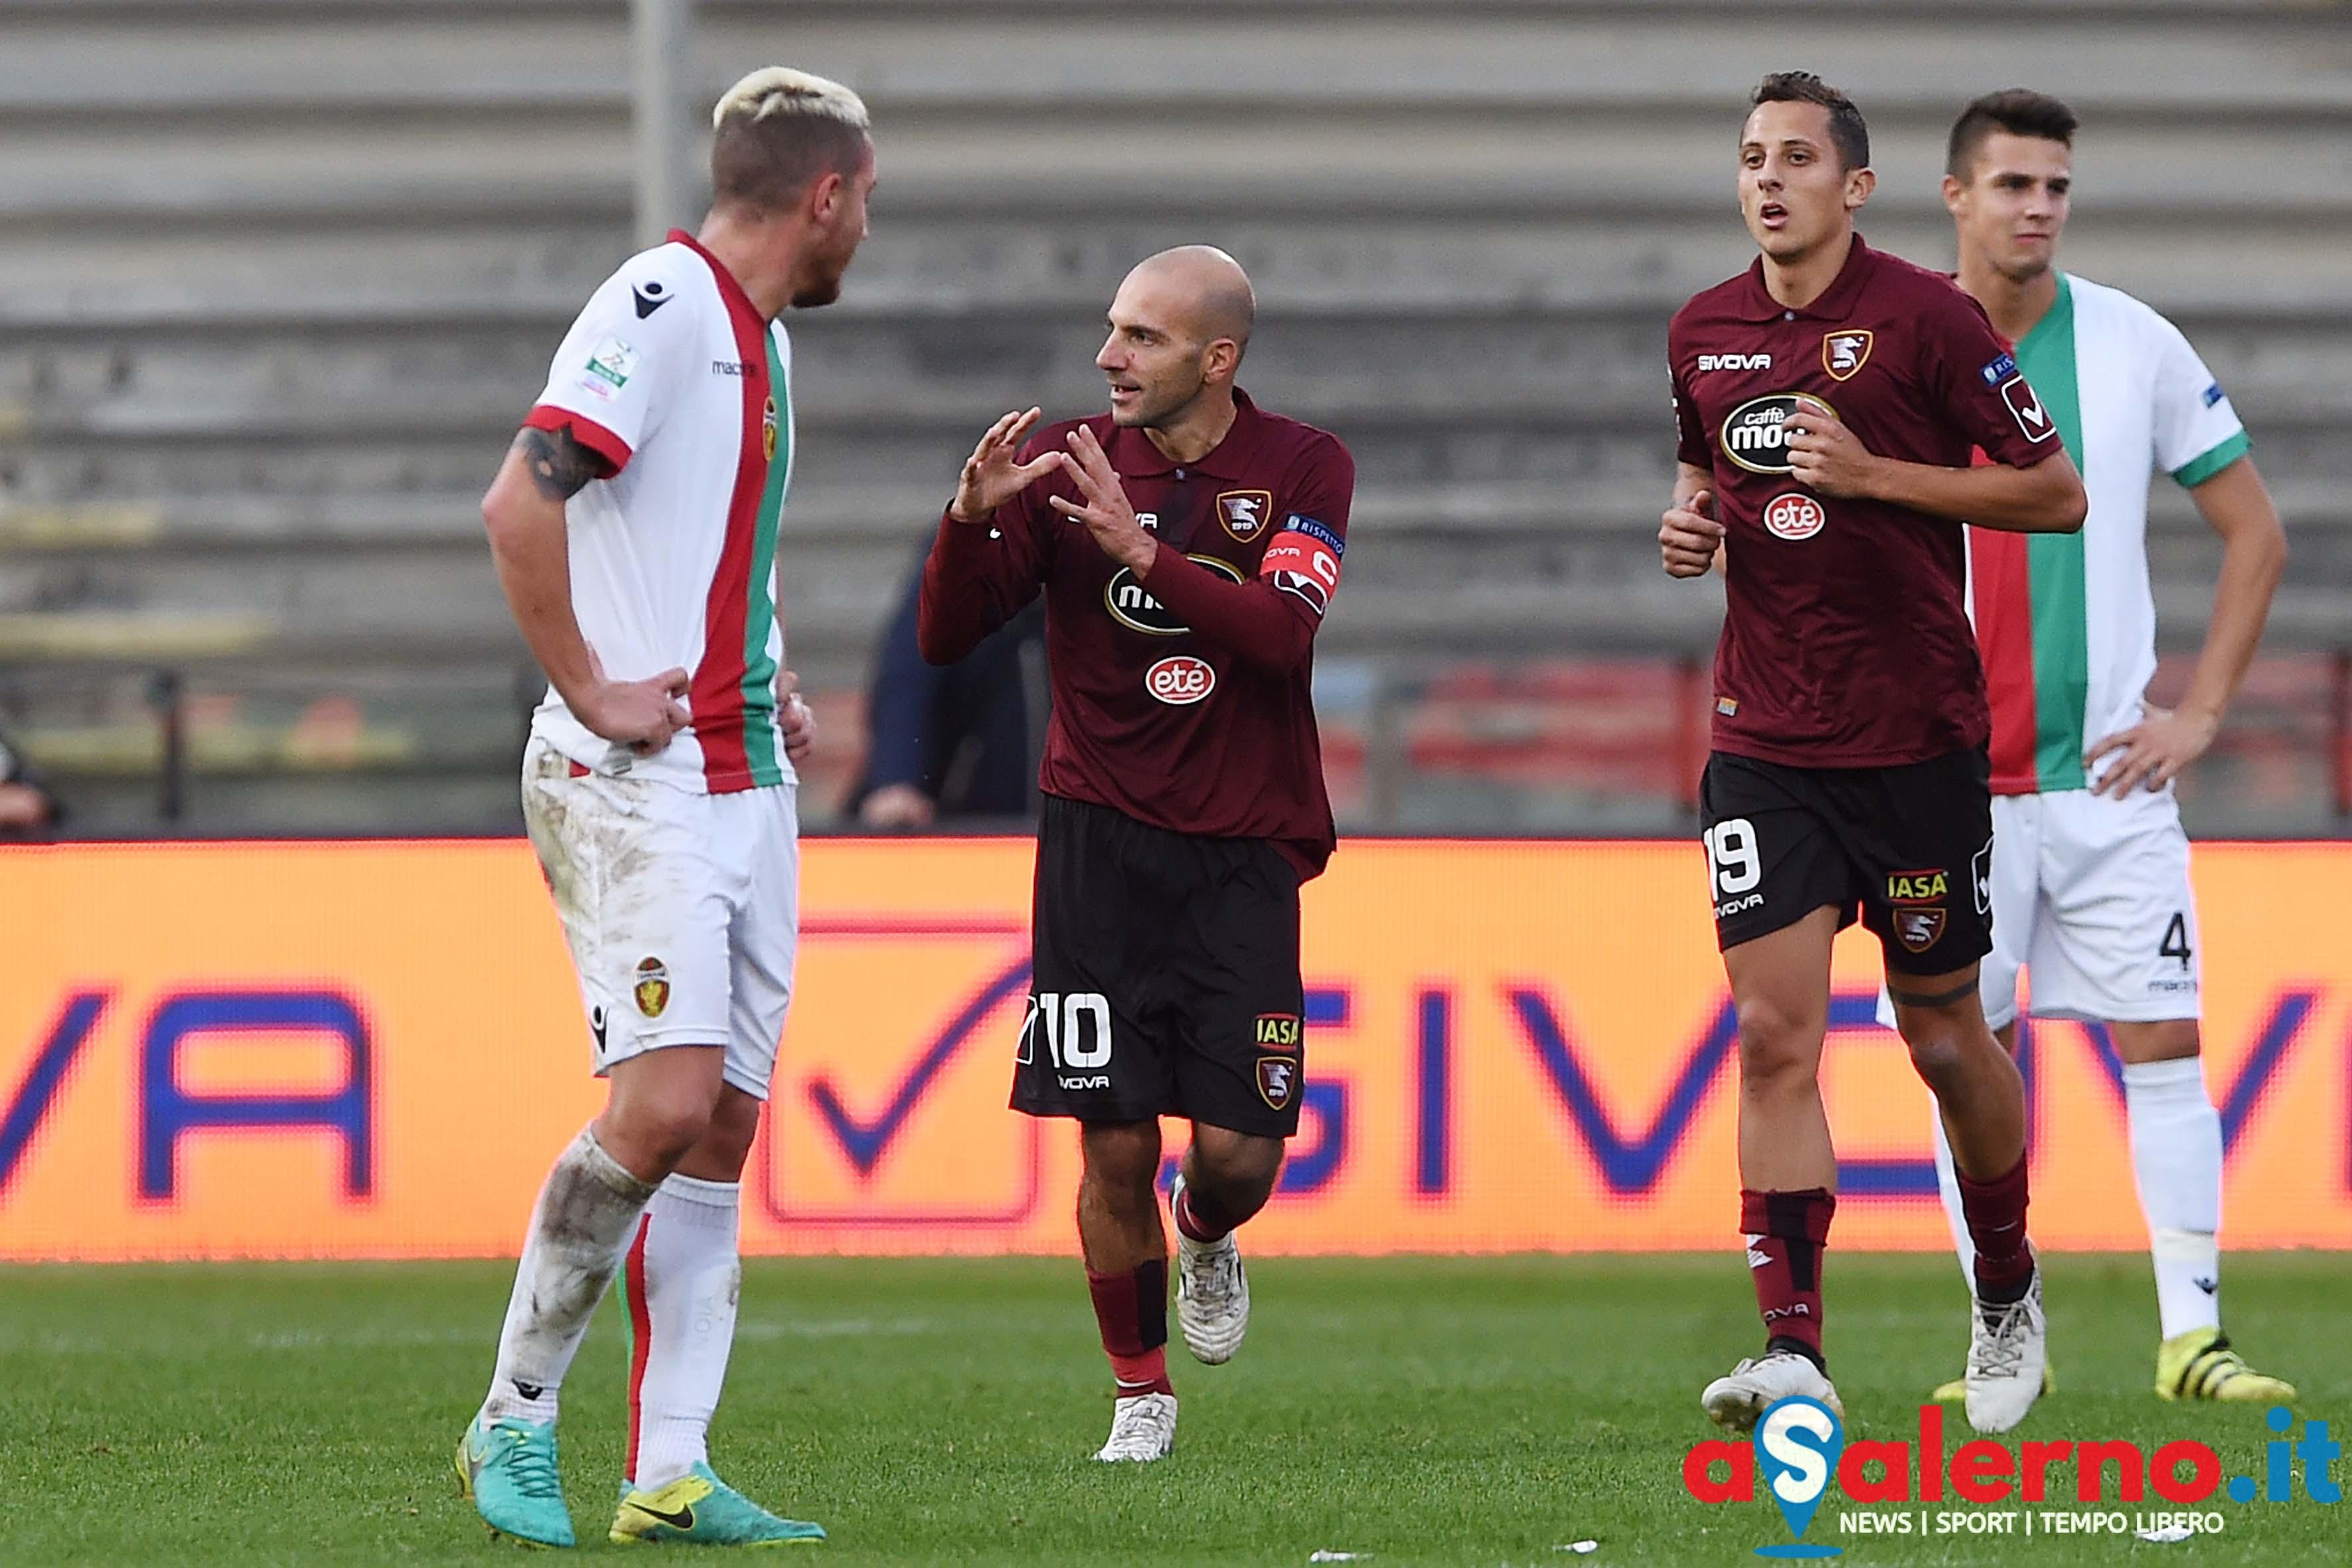 Salernitana-Bari 2-2: all'Arechi finisce in parità. Doppiette per Galano e Rossi